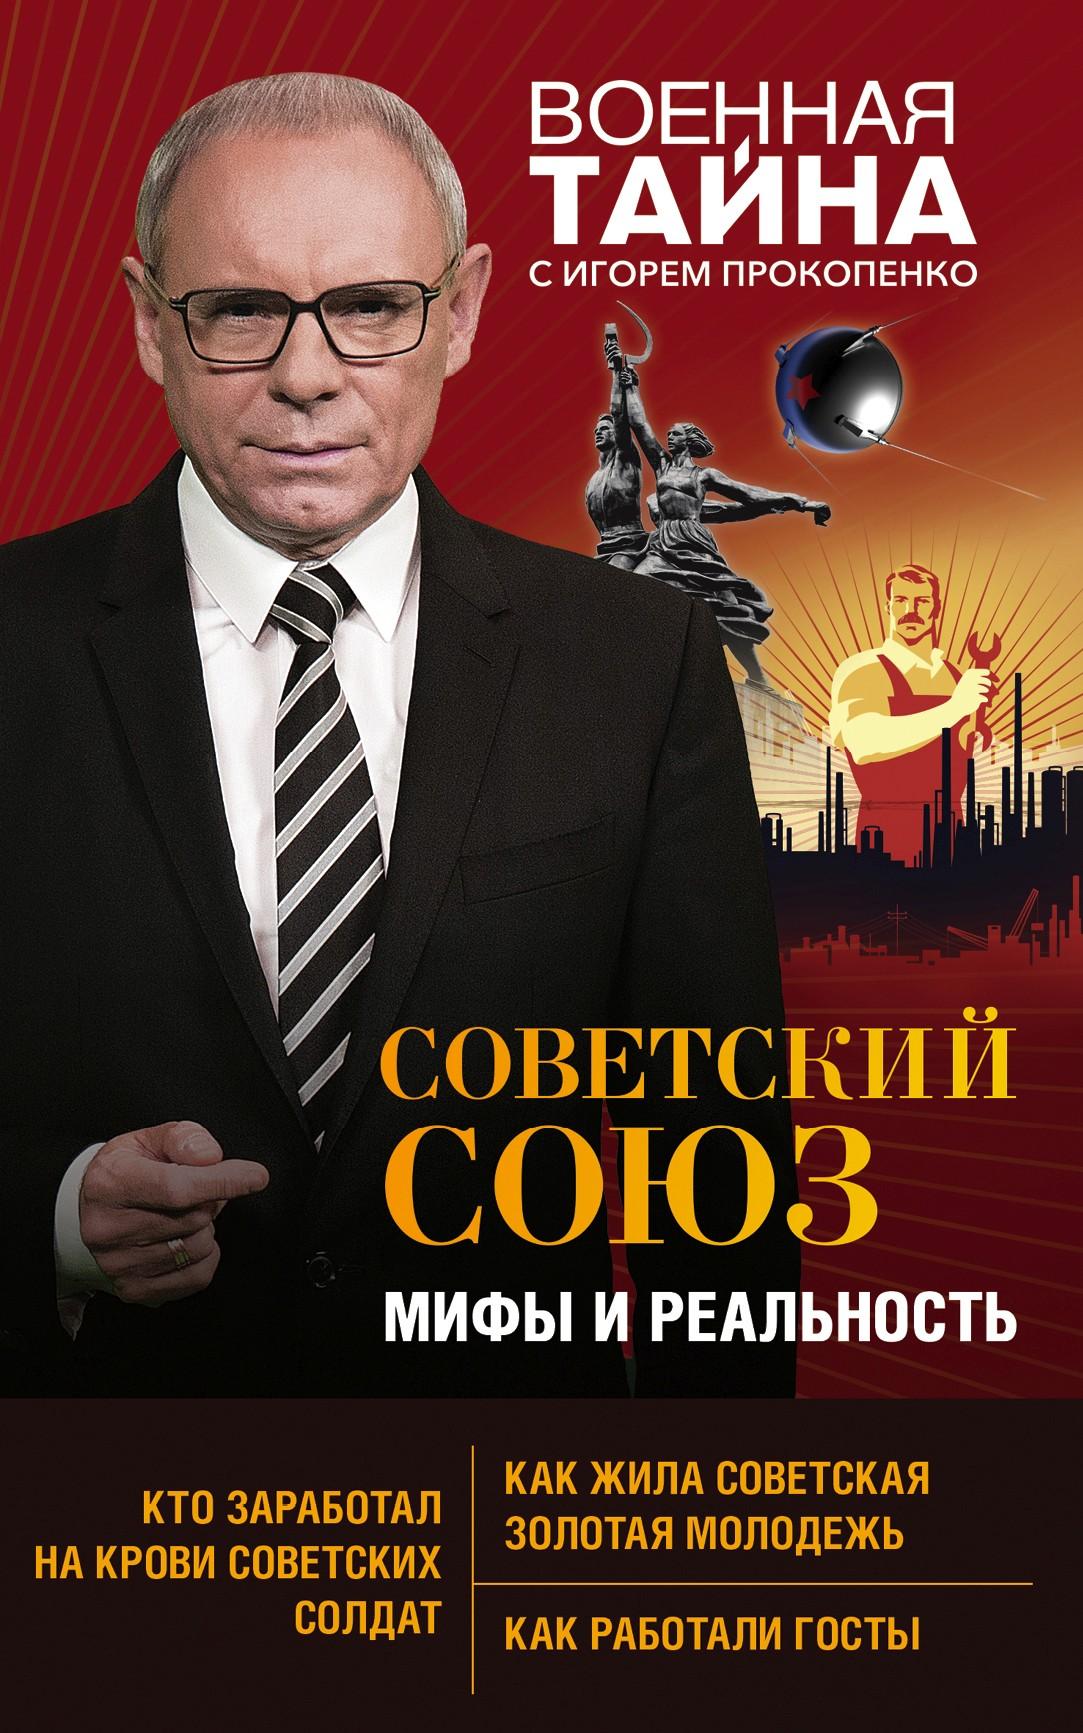 Игорь Прокопенко Советский Союз: мифы и реальность автор не указан увещание охладевшим и отступникам